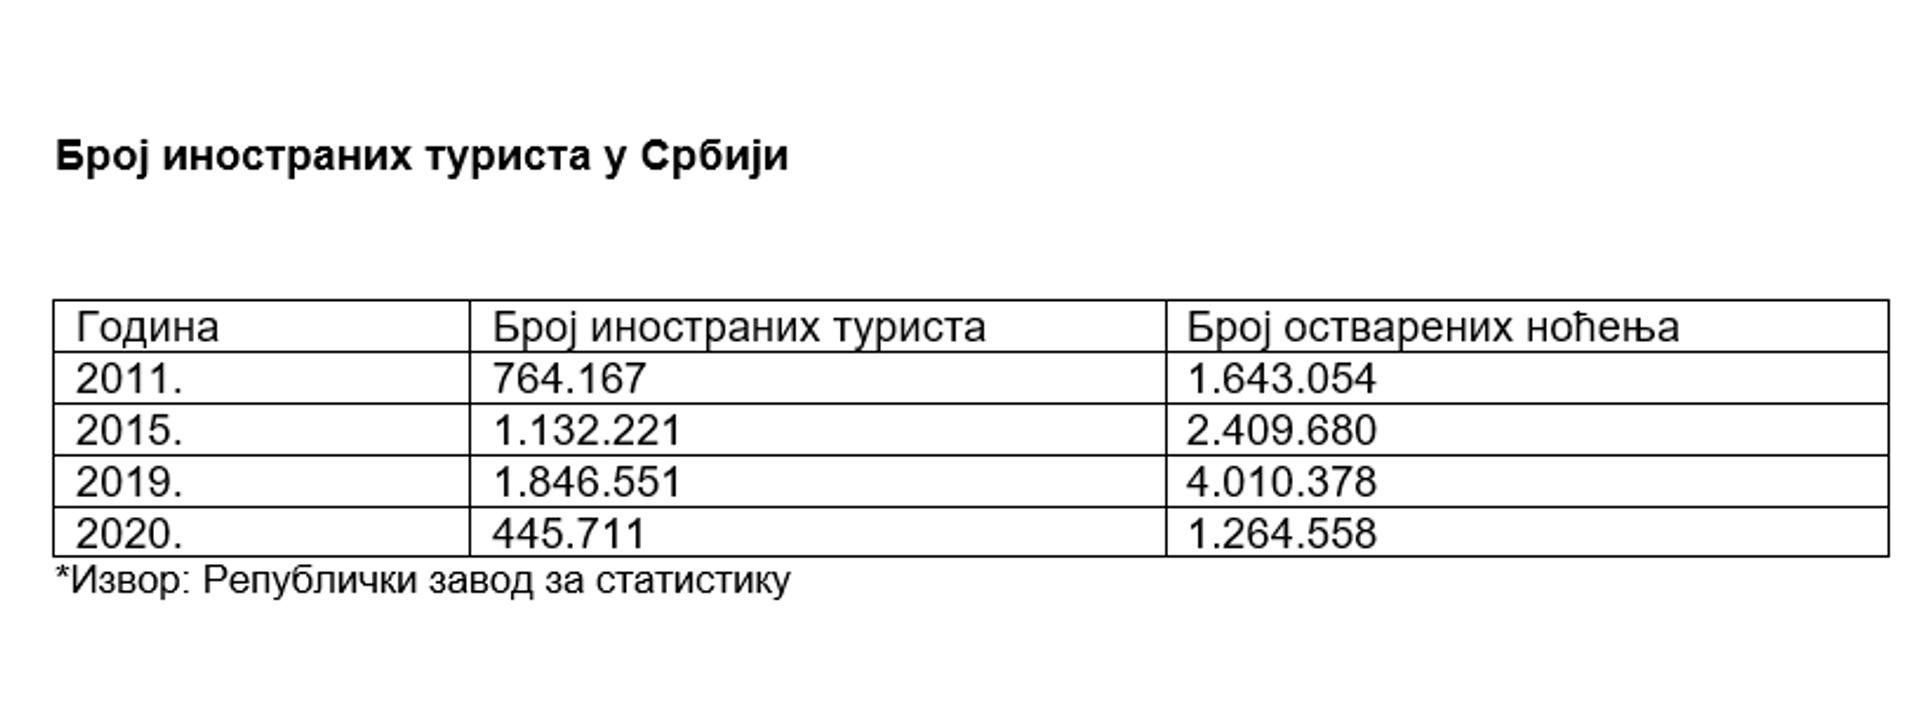 Broj inostranih turista u Srbiji - Sputnik Srbija, 1920, 09.10.2021